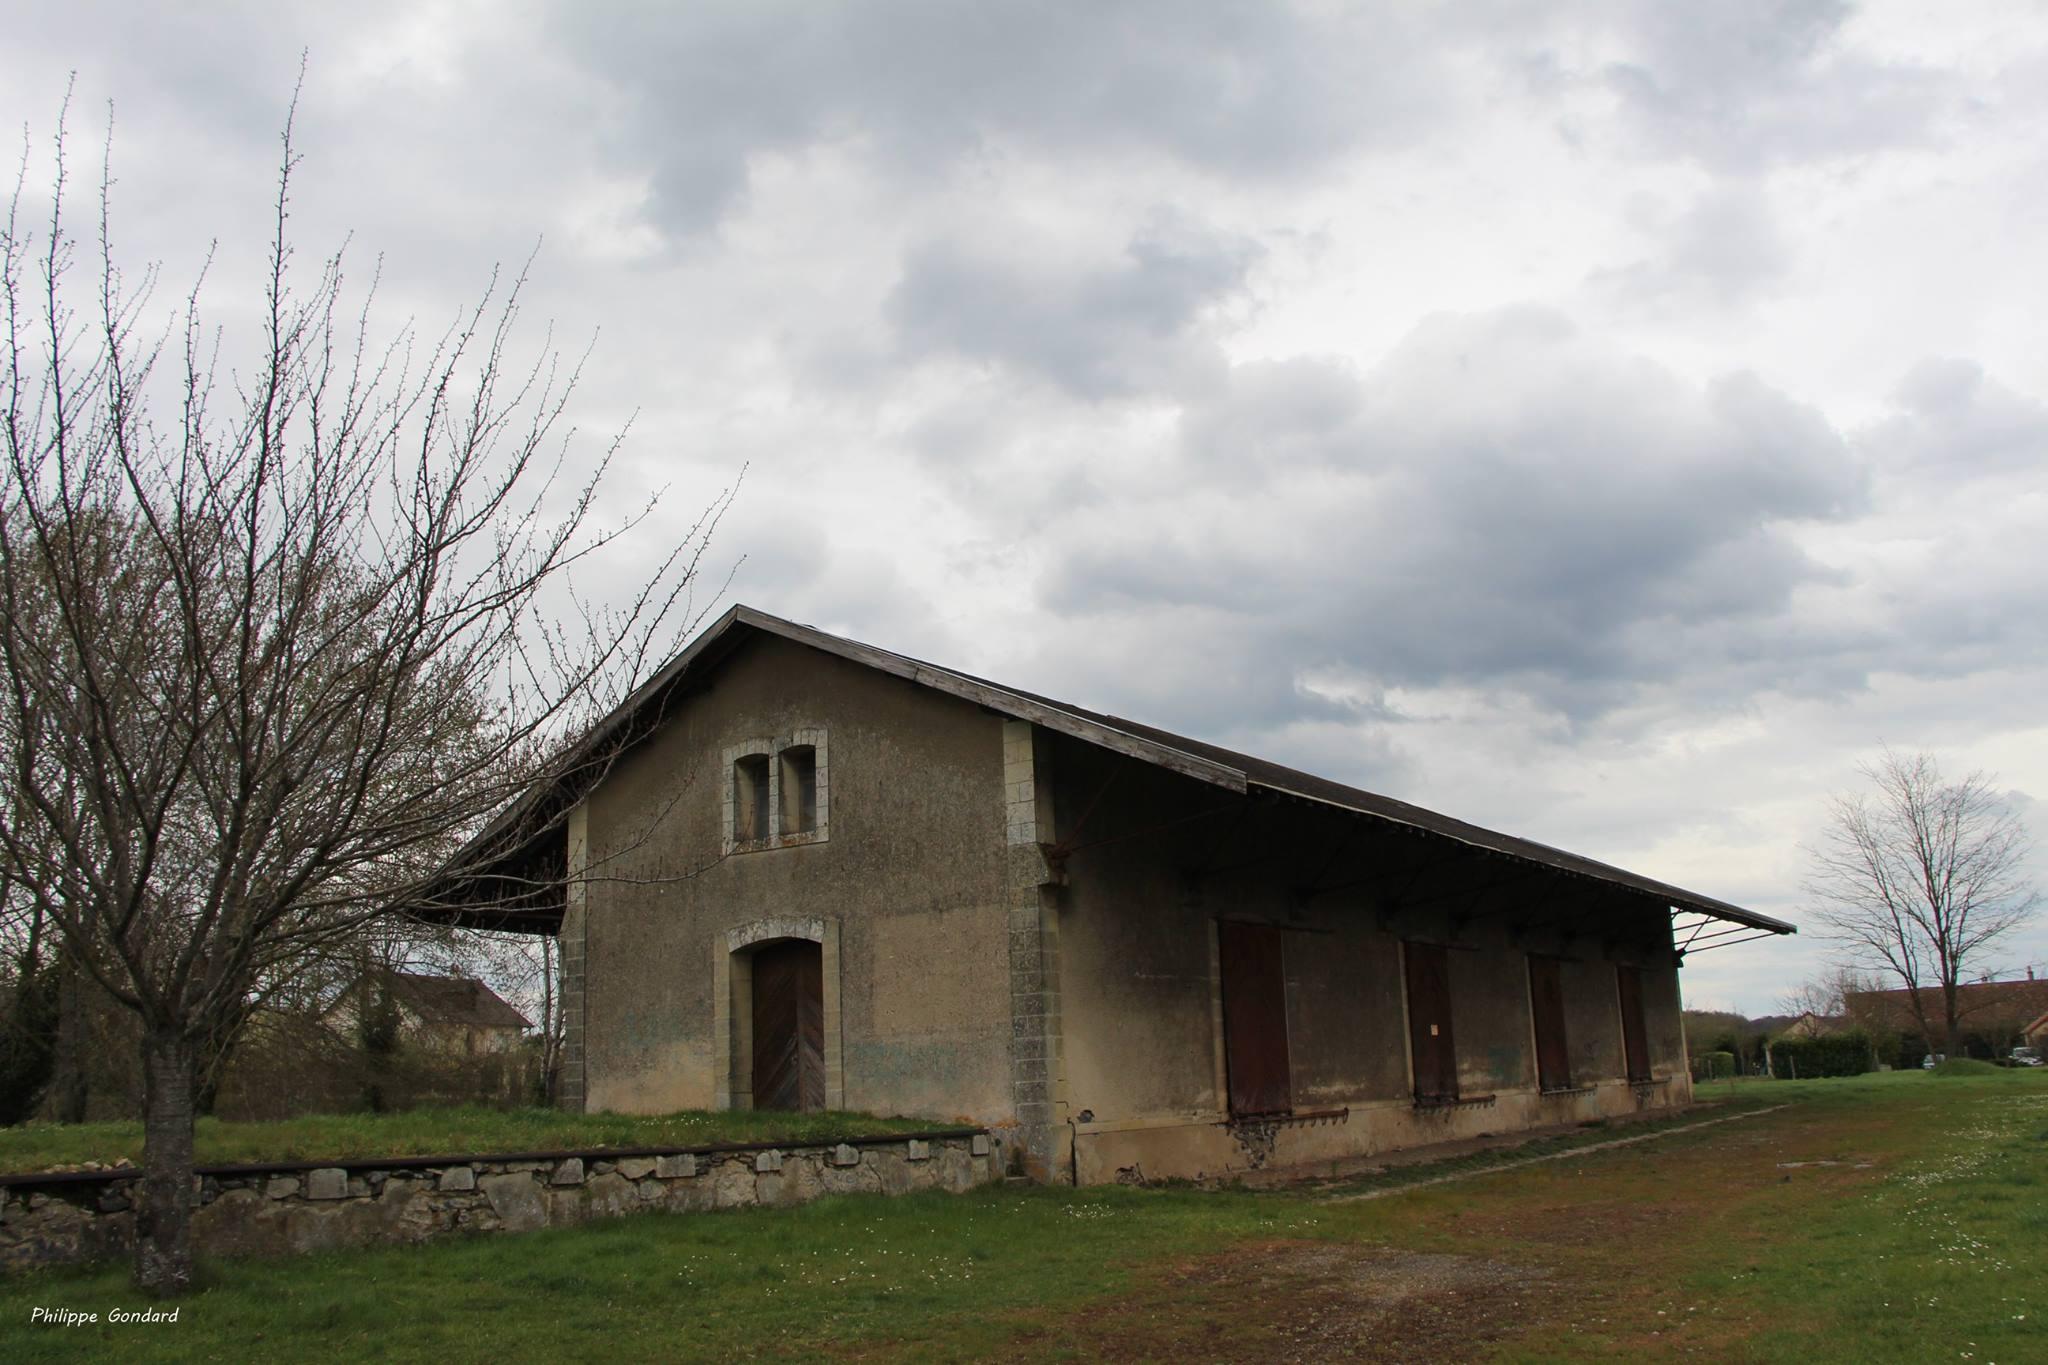 Malicorne sur Sarthe - La gare de marchandises et juste en face se trouve un atelier de potier - Au début du XXème siècle, les poteries de Malicorne partaient souvent via le train (Philippe Gondard)